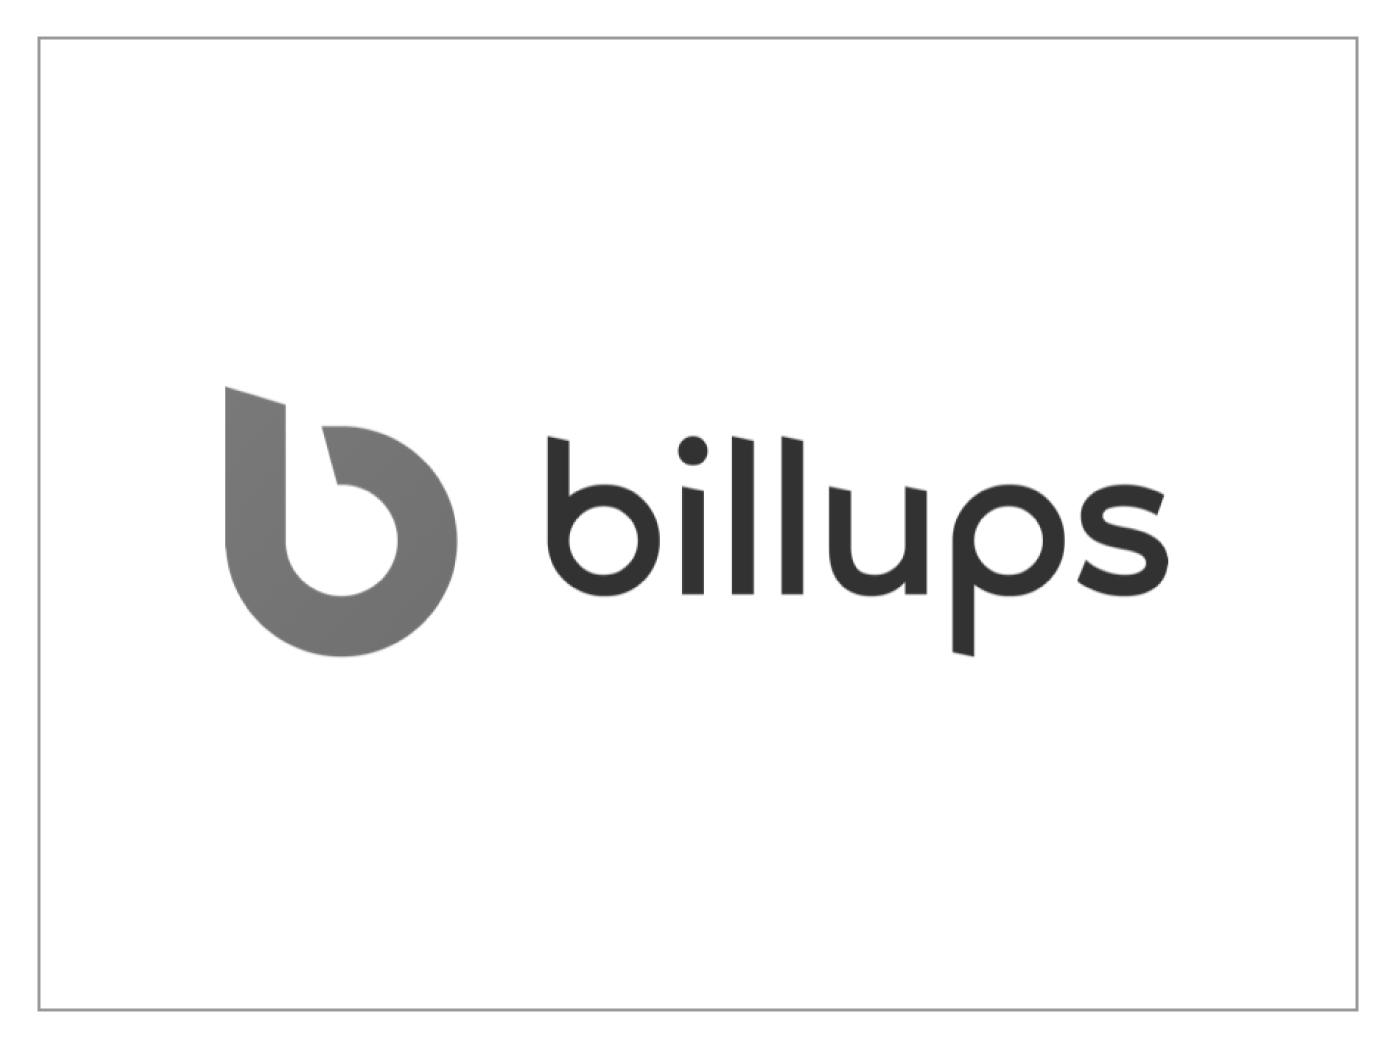 billups-logo.jpg